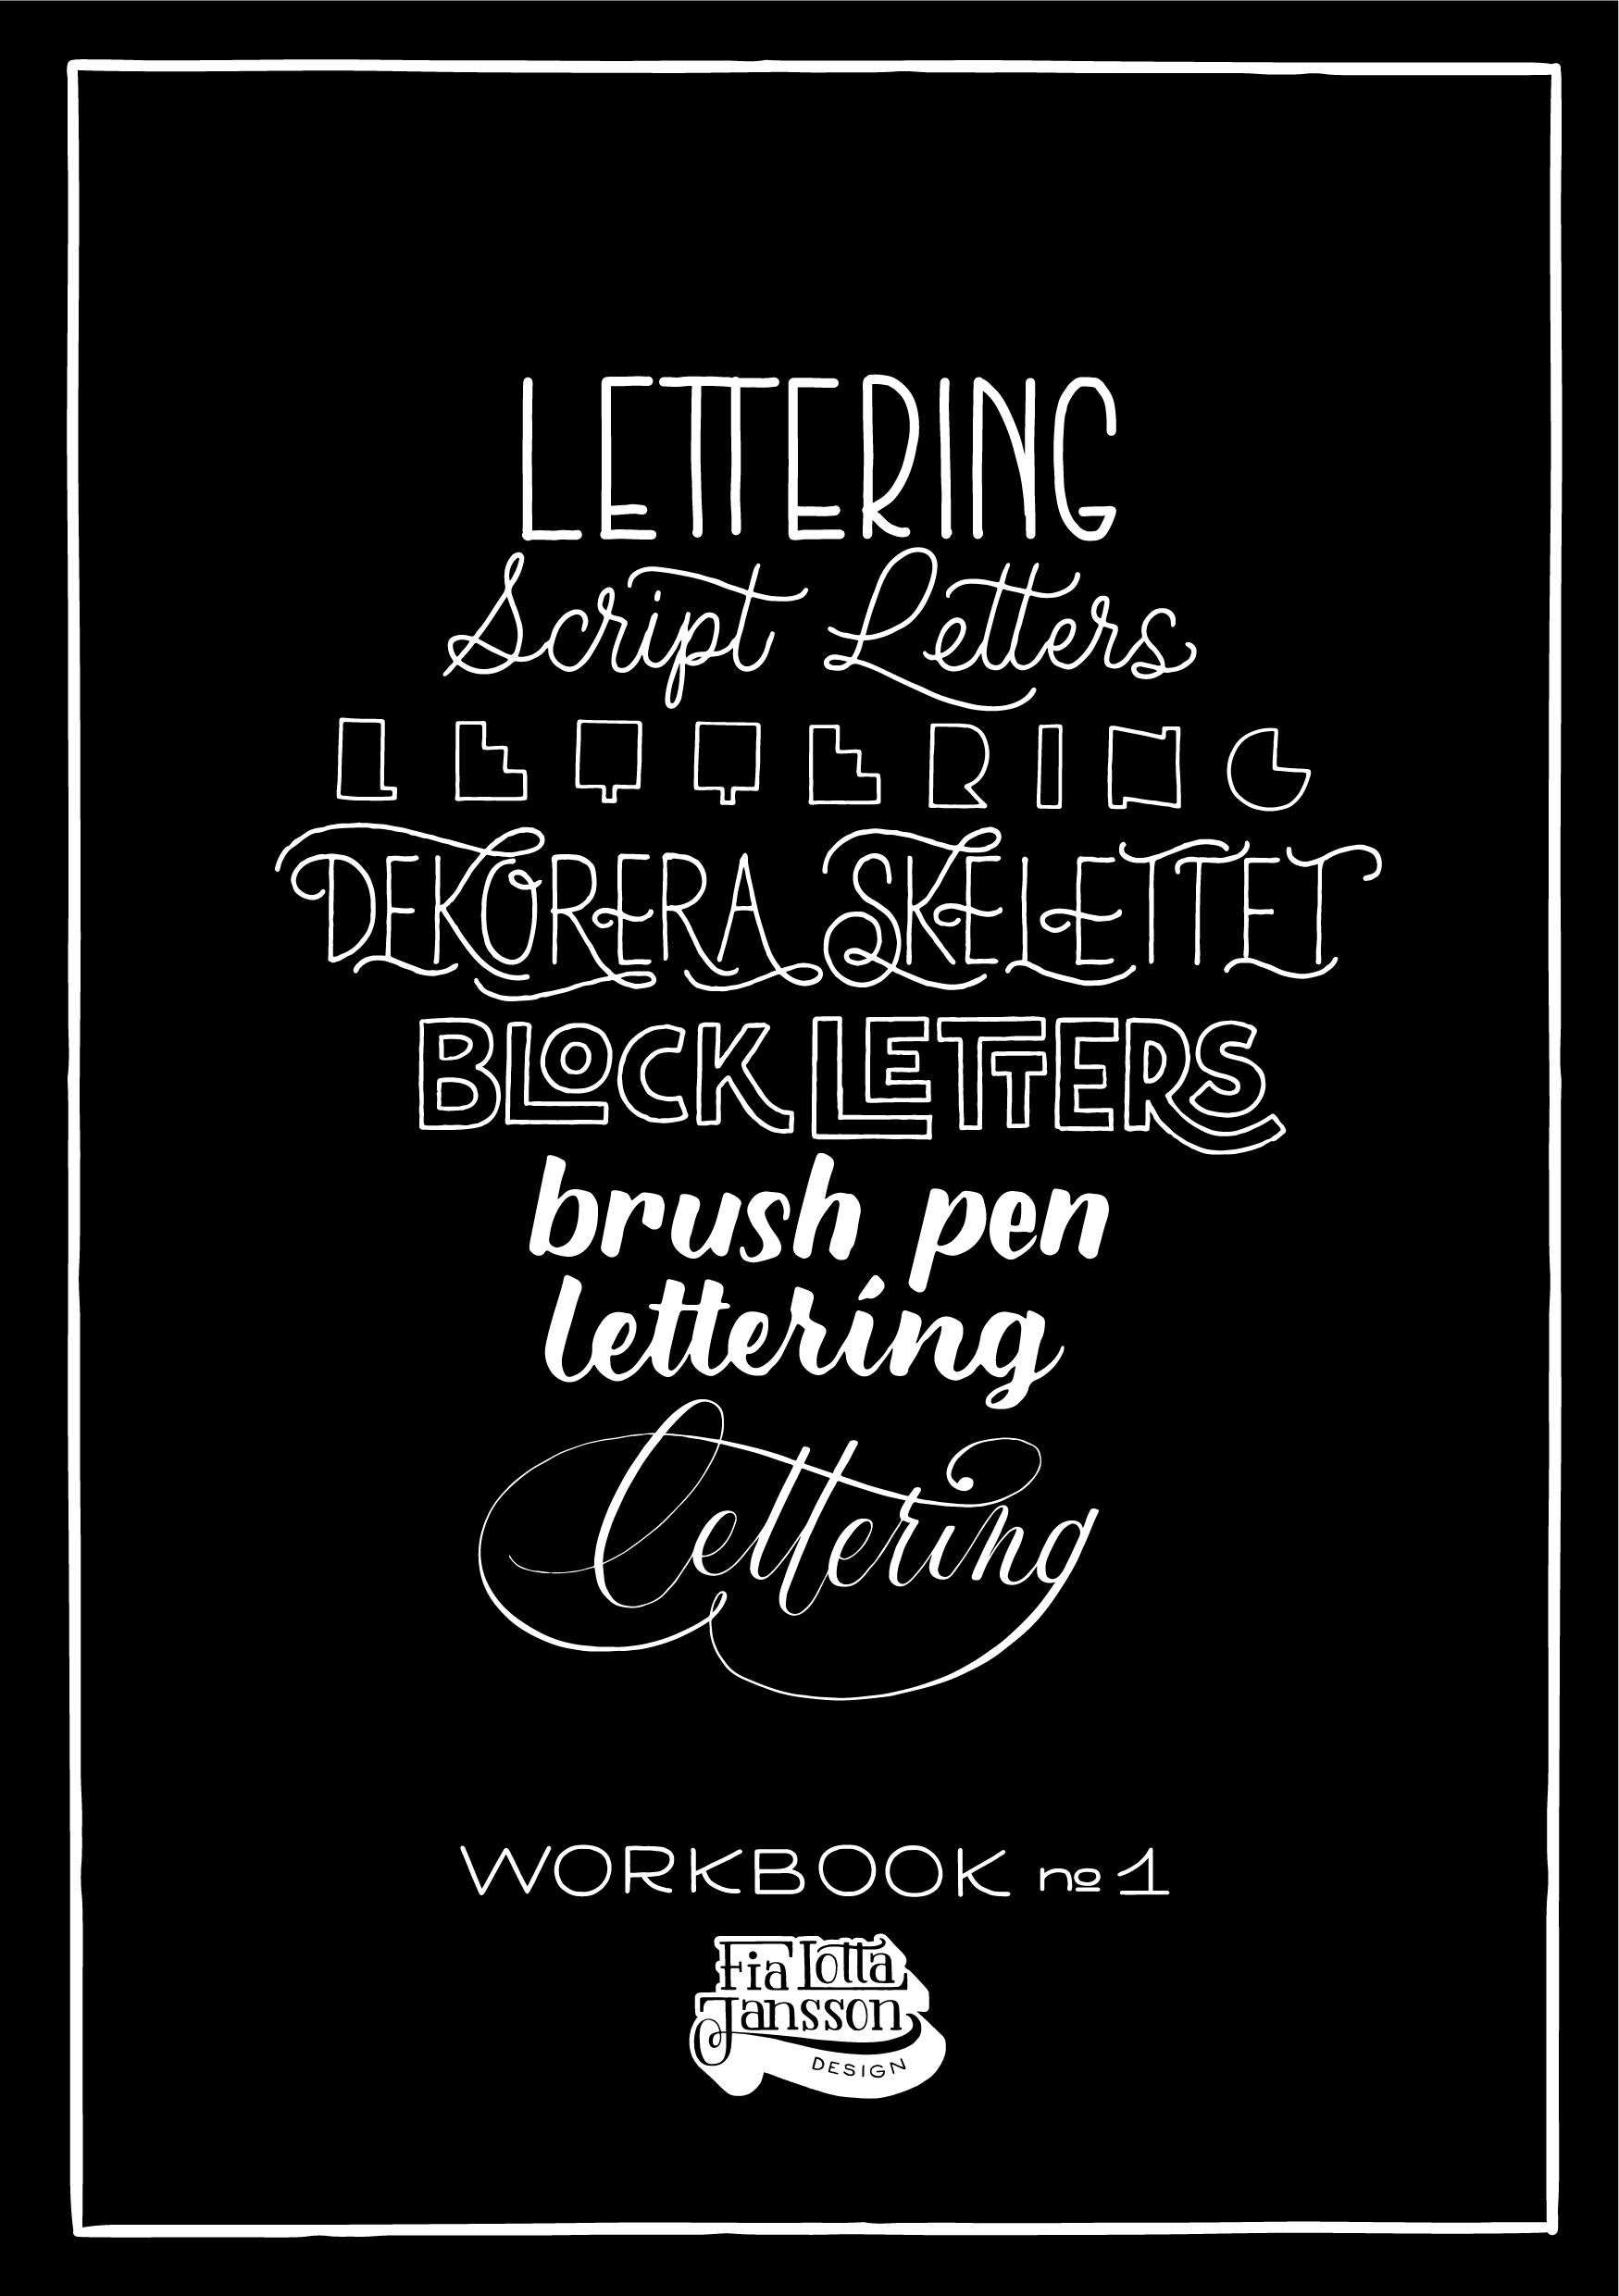 Lettering Workbook No 1 - Lekfulla och kreativa övningar skapade av bokstavsillustratör Sofie Björkgren-Näse / Fia Lotta Jansson Design.Boken för dig som vill bli inspirerad att börja med lettering – eller fortsätta bli inspirerad om du redan hållit på med lettering en tid!Blockbokstäver, Brush Lettering, dekorativa bokstavsformer, skelettbokstäver med mera. Detta är en arbetsbok som du ska rita och klottra i! Boken innehåller 105 sidor, med randigt, prickigt och blankt papper i Munken Polar från Arctic Paper, vilket är ett skönt och bra papper att rita påMjukpärm och öppen bindning – riktigt snygg när den ligger framme. Men låt den inte ligga för länge, den ska ju användas!Lettering Workbook No 1 finns att köpas hos Pen Store!